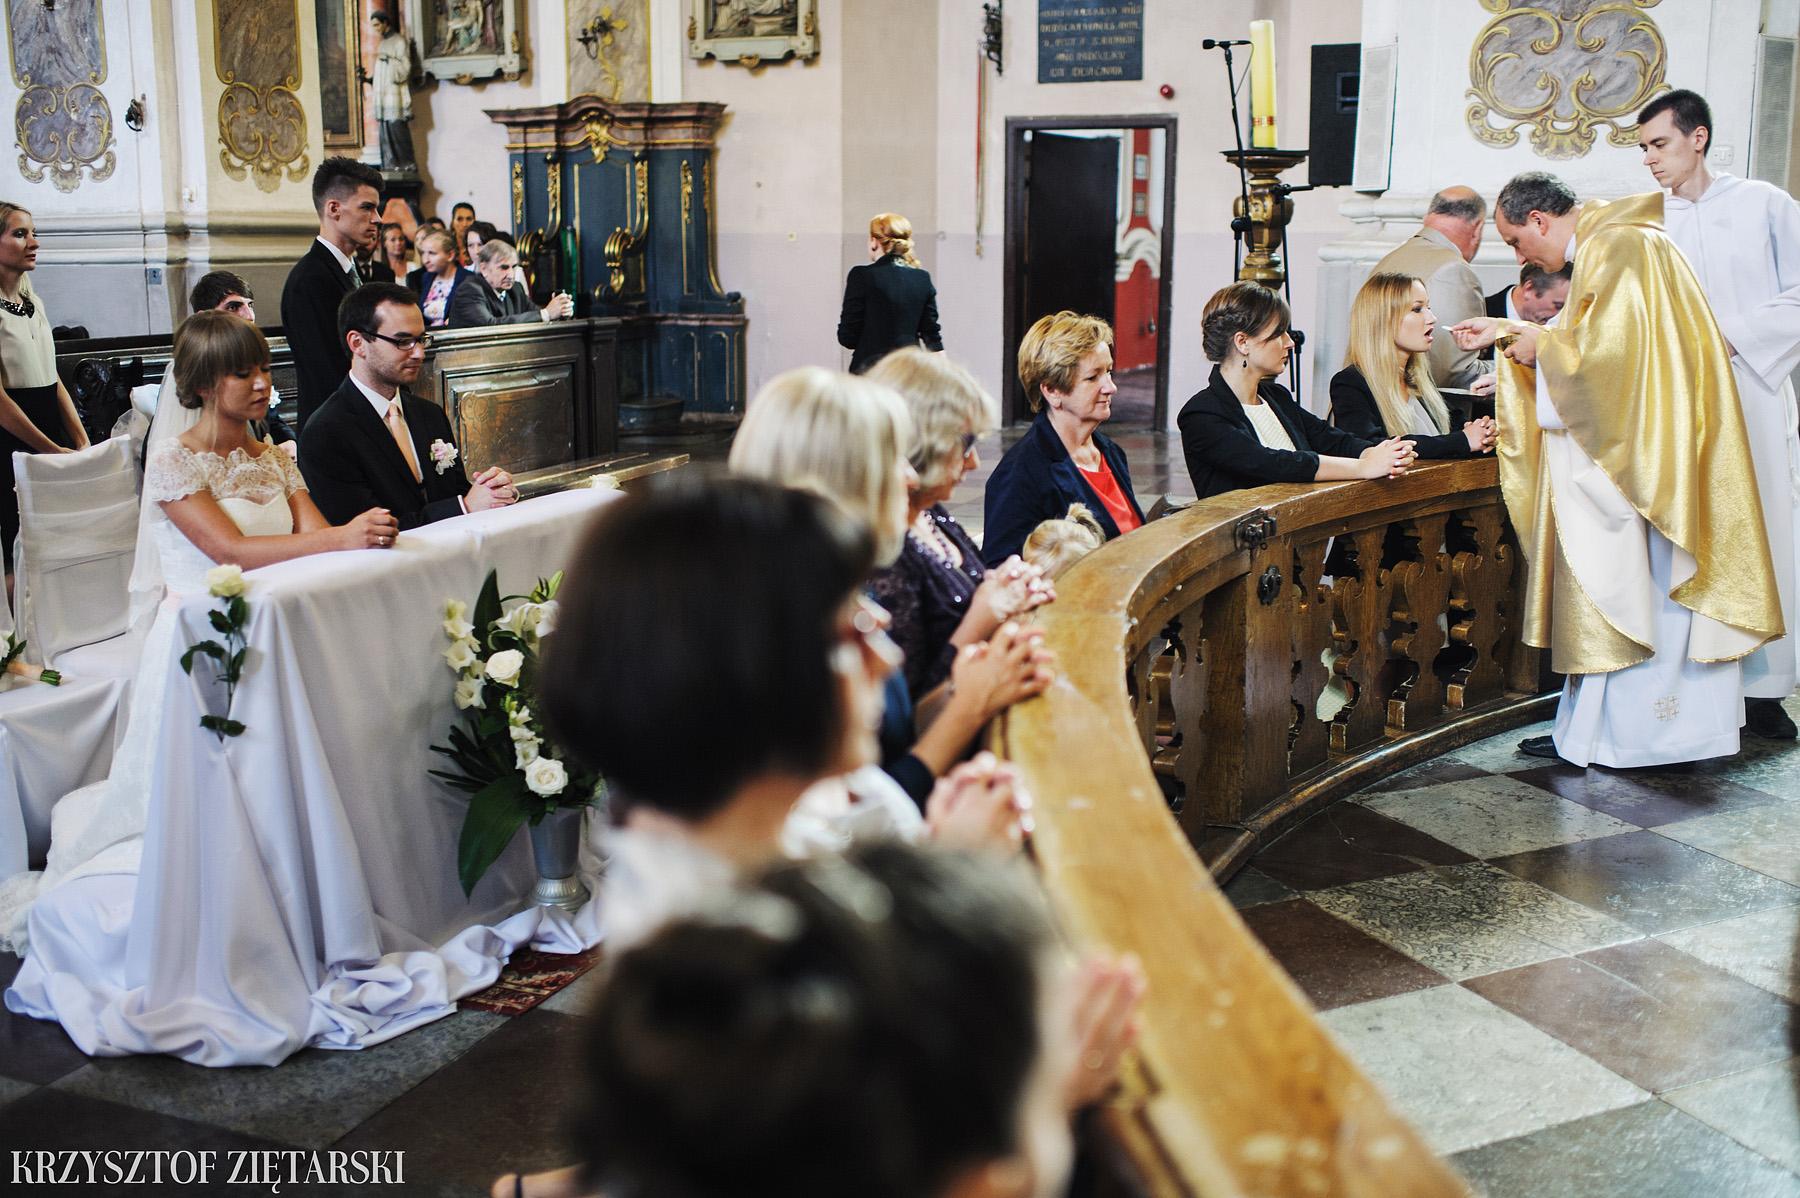 Justyna i Konrad - Fotografia ślubna Gdańsk, Kościół św.Ignacego Stare Szkoty, Restauracja Tabun Otomin - 14.